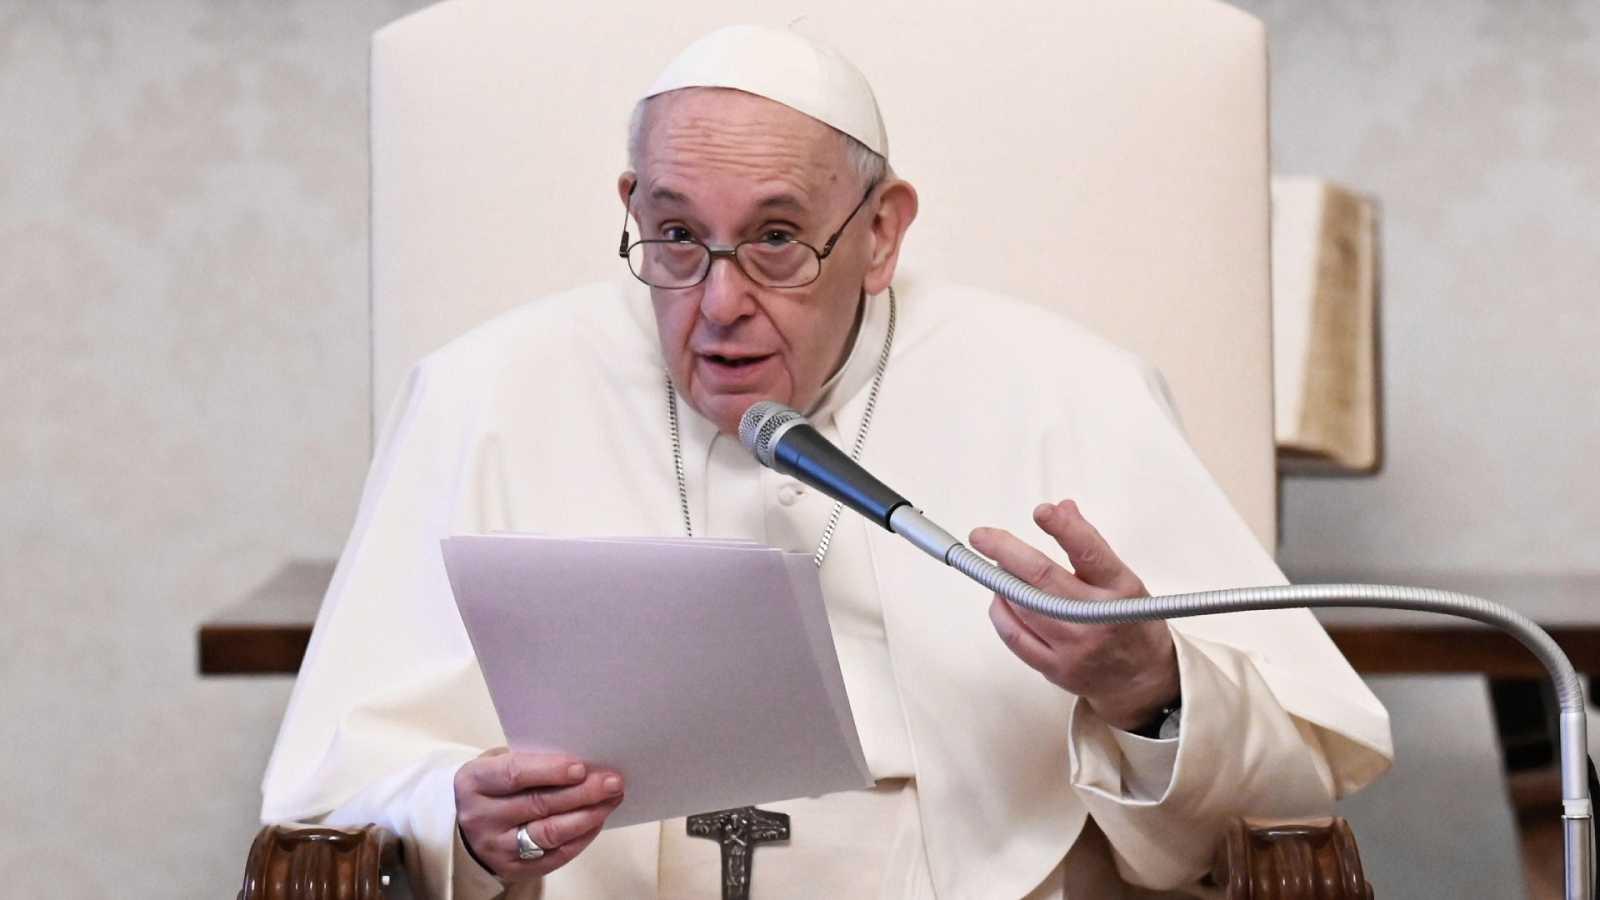 El papa establece 'normas anticorrupción' en el Vaticano